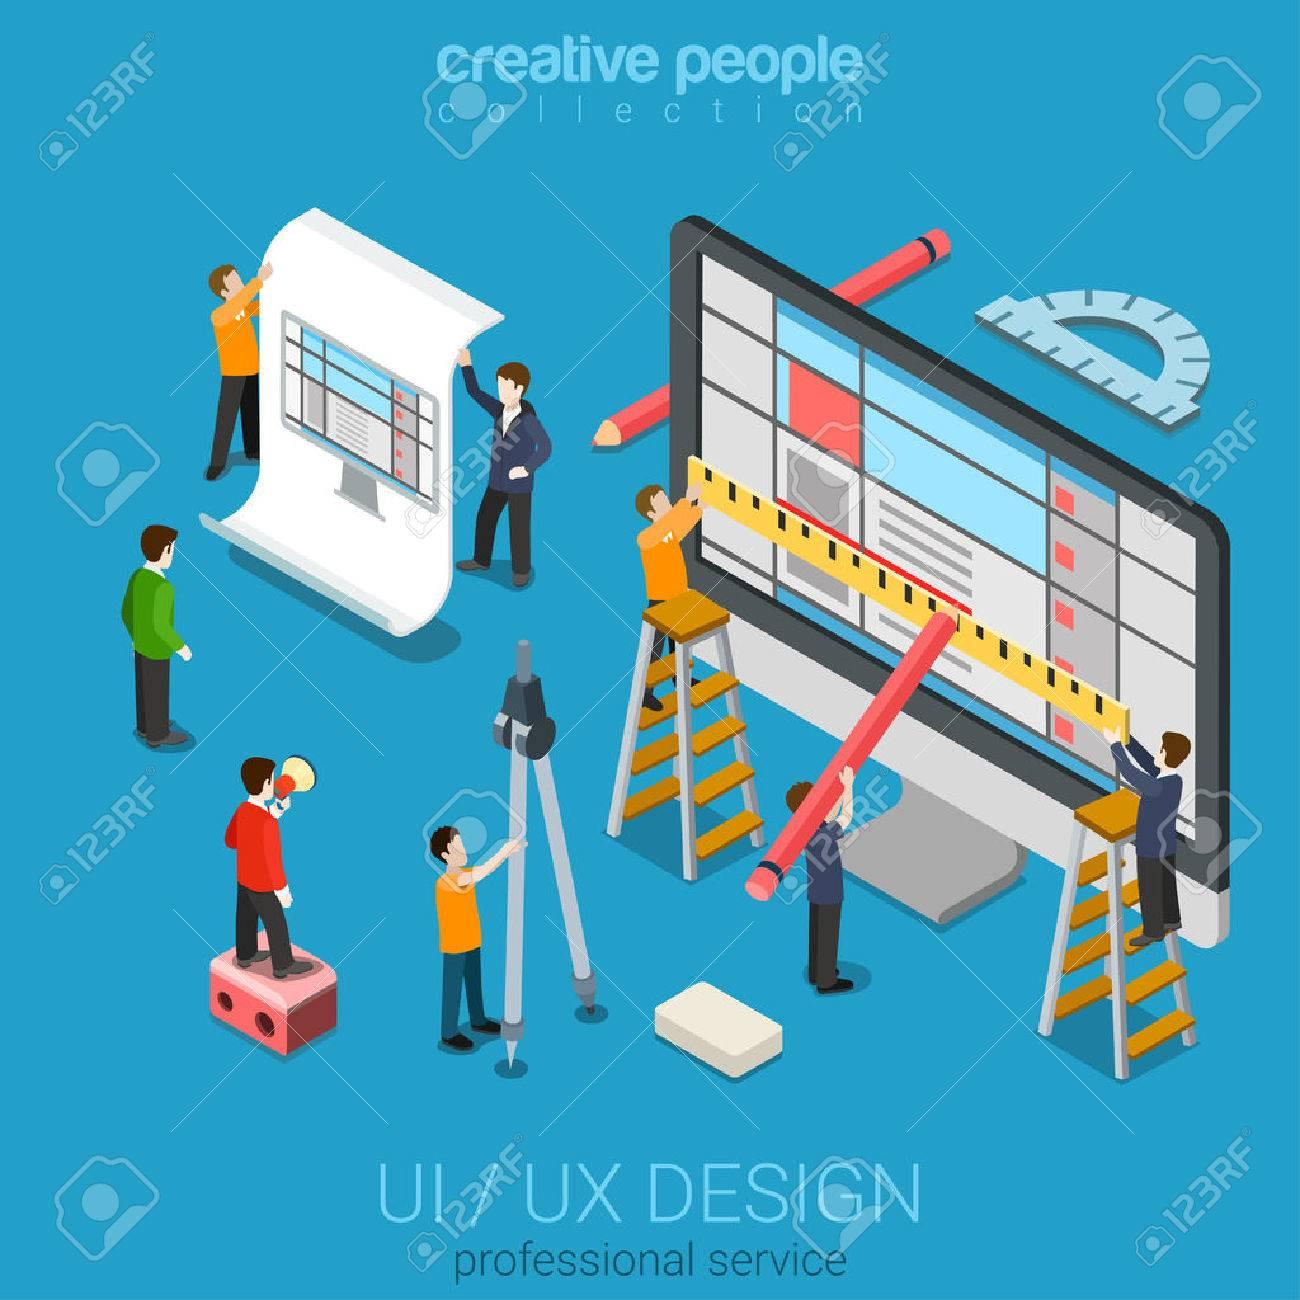 Flat 3d isometric desktop UI/UX design web infographic concept